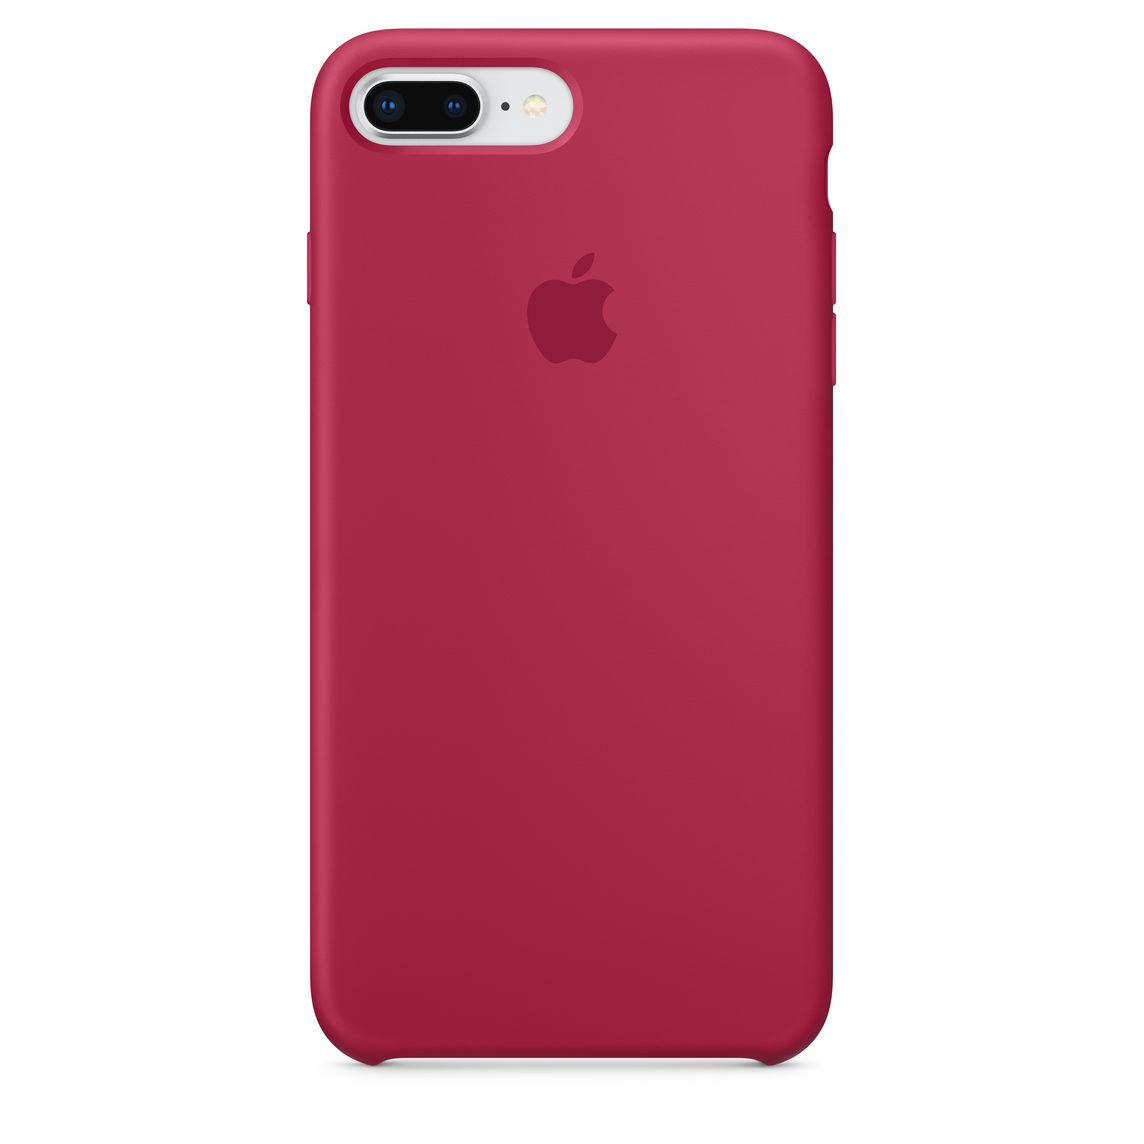 iPhone 8 Plus / 7 Plus Silicone Case - Rose Red